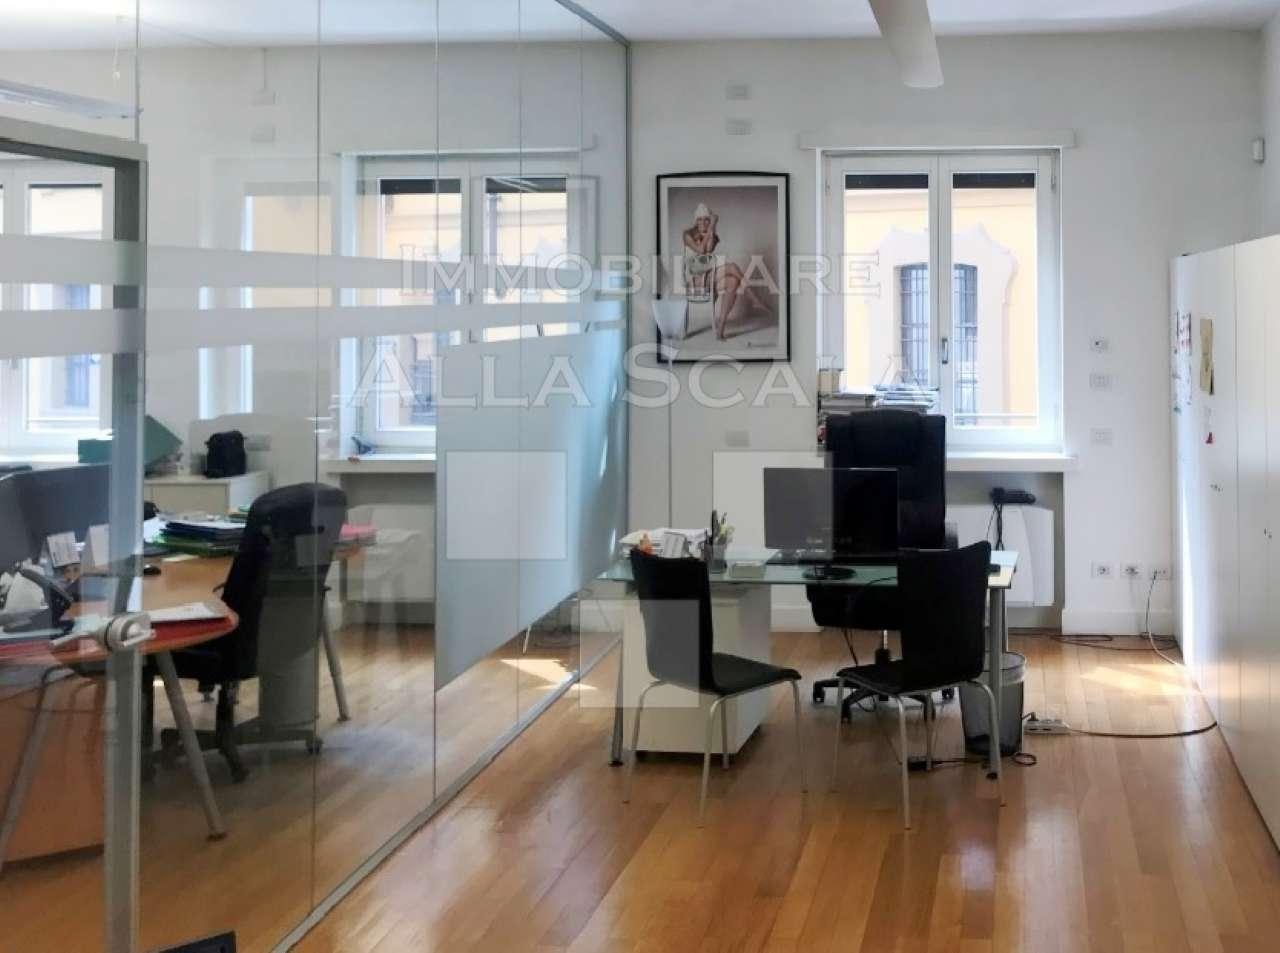 Ufficio-studio in Affitto a Milano 01 Centro storico (Cerchia dei Navigli): 5 locali, 410 mq